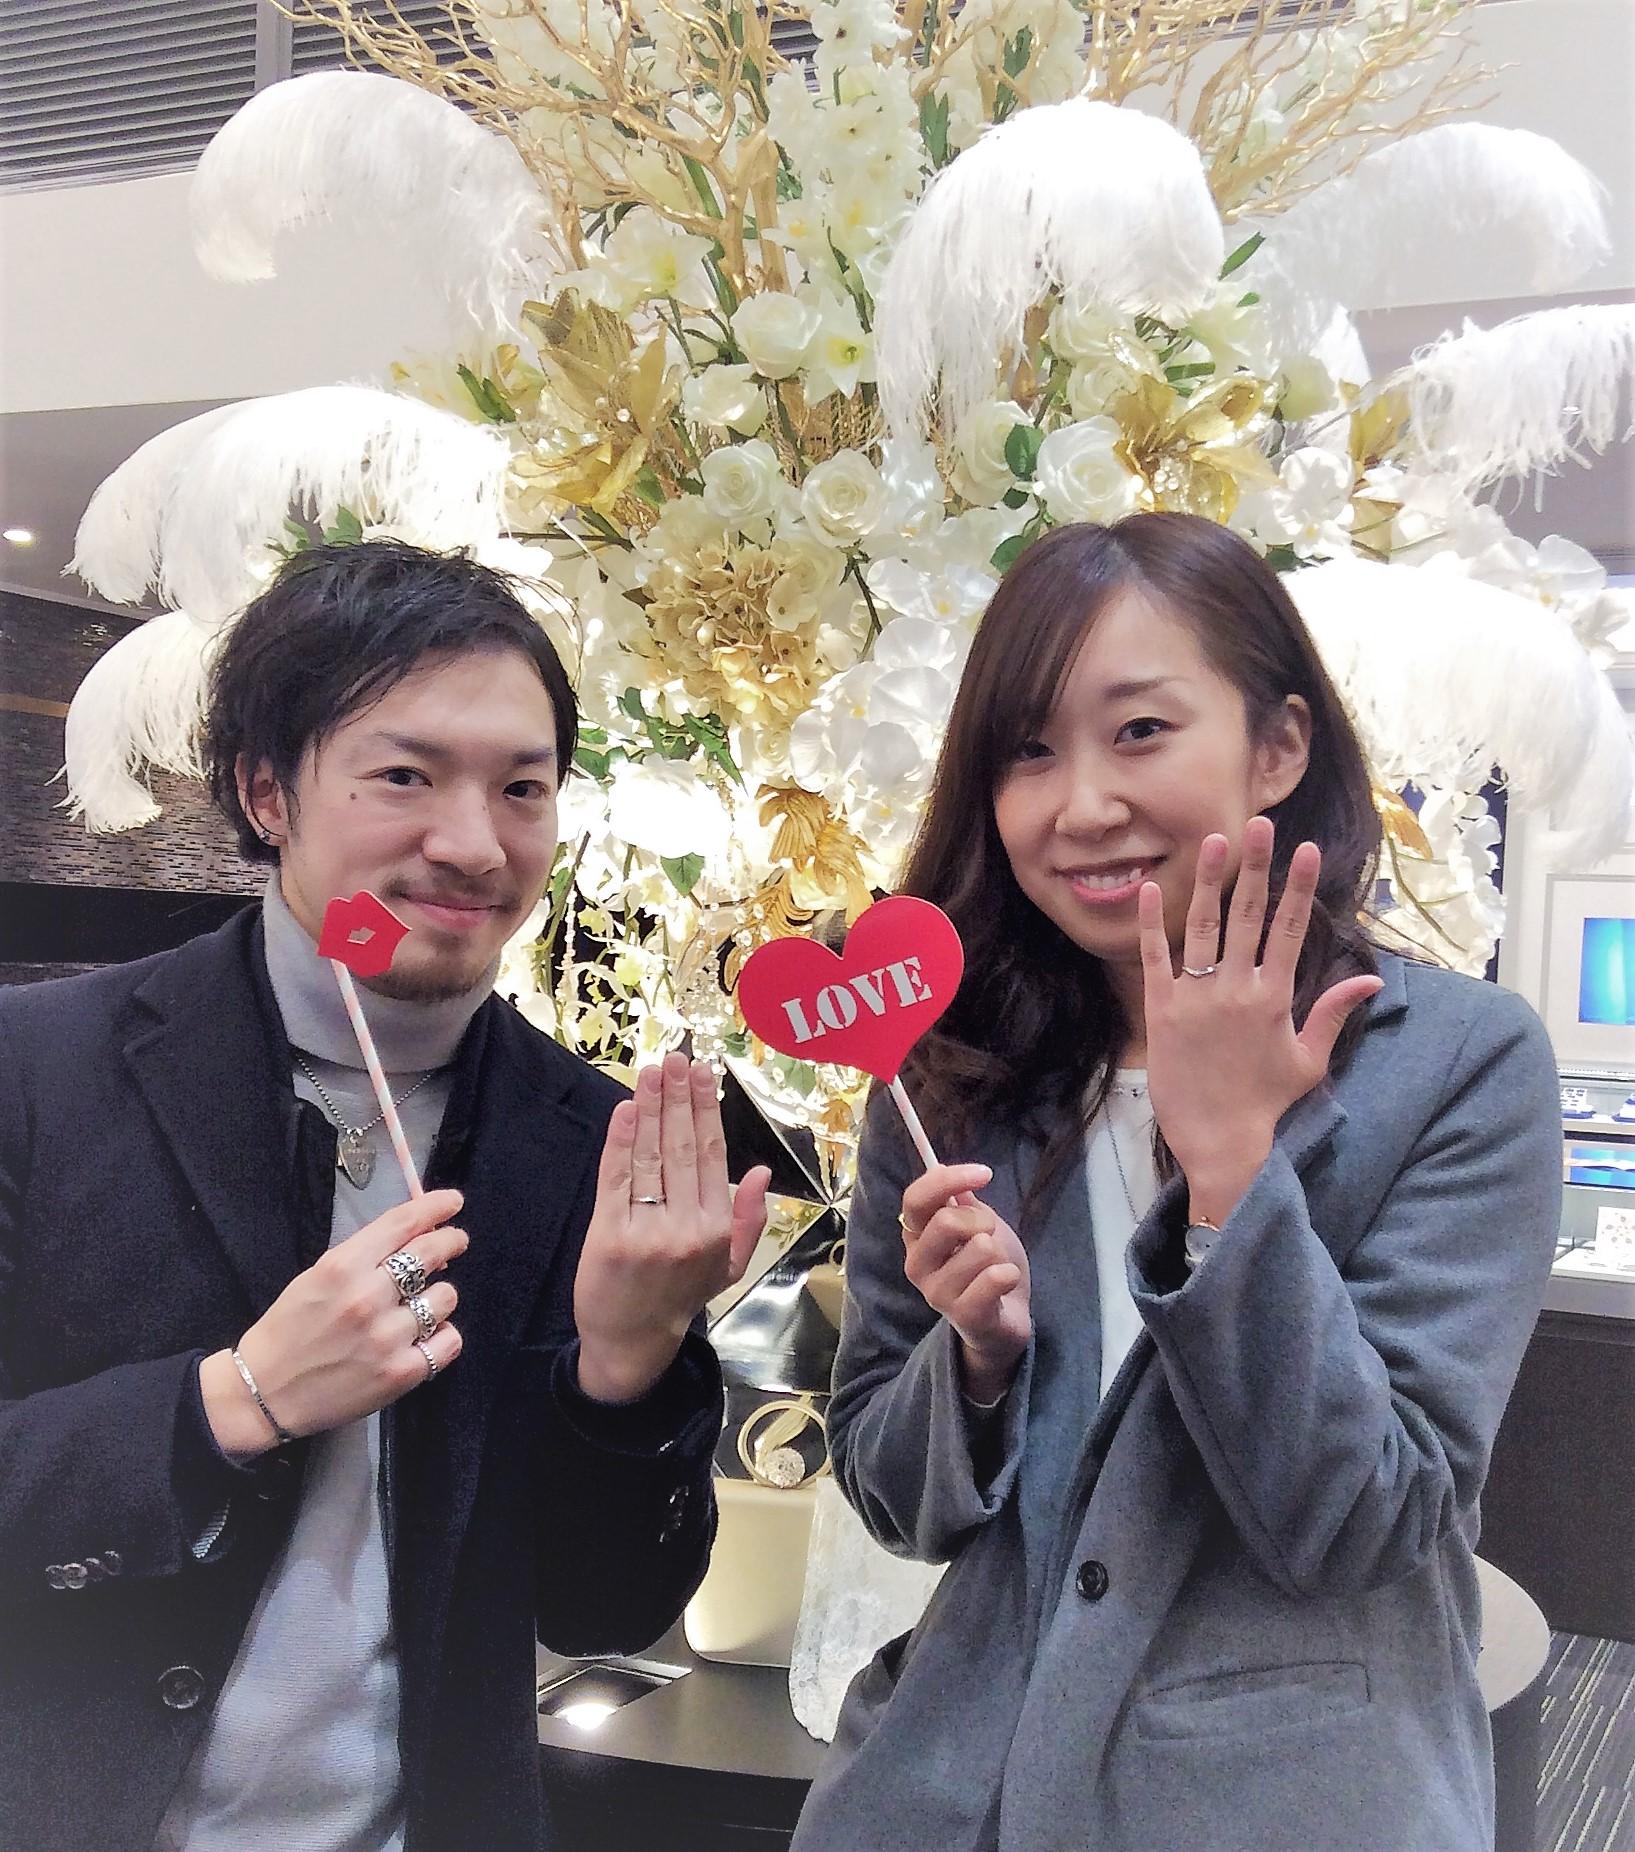 俄(にわか)の結婚指輪『初桜(ういざくら)』細いタイプでお作りしました!(新潟市/S様&Y様)